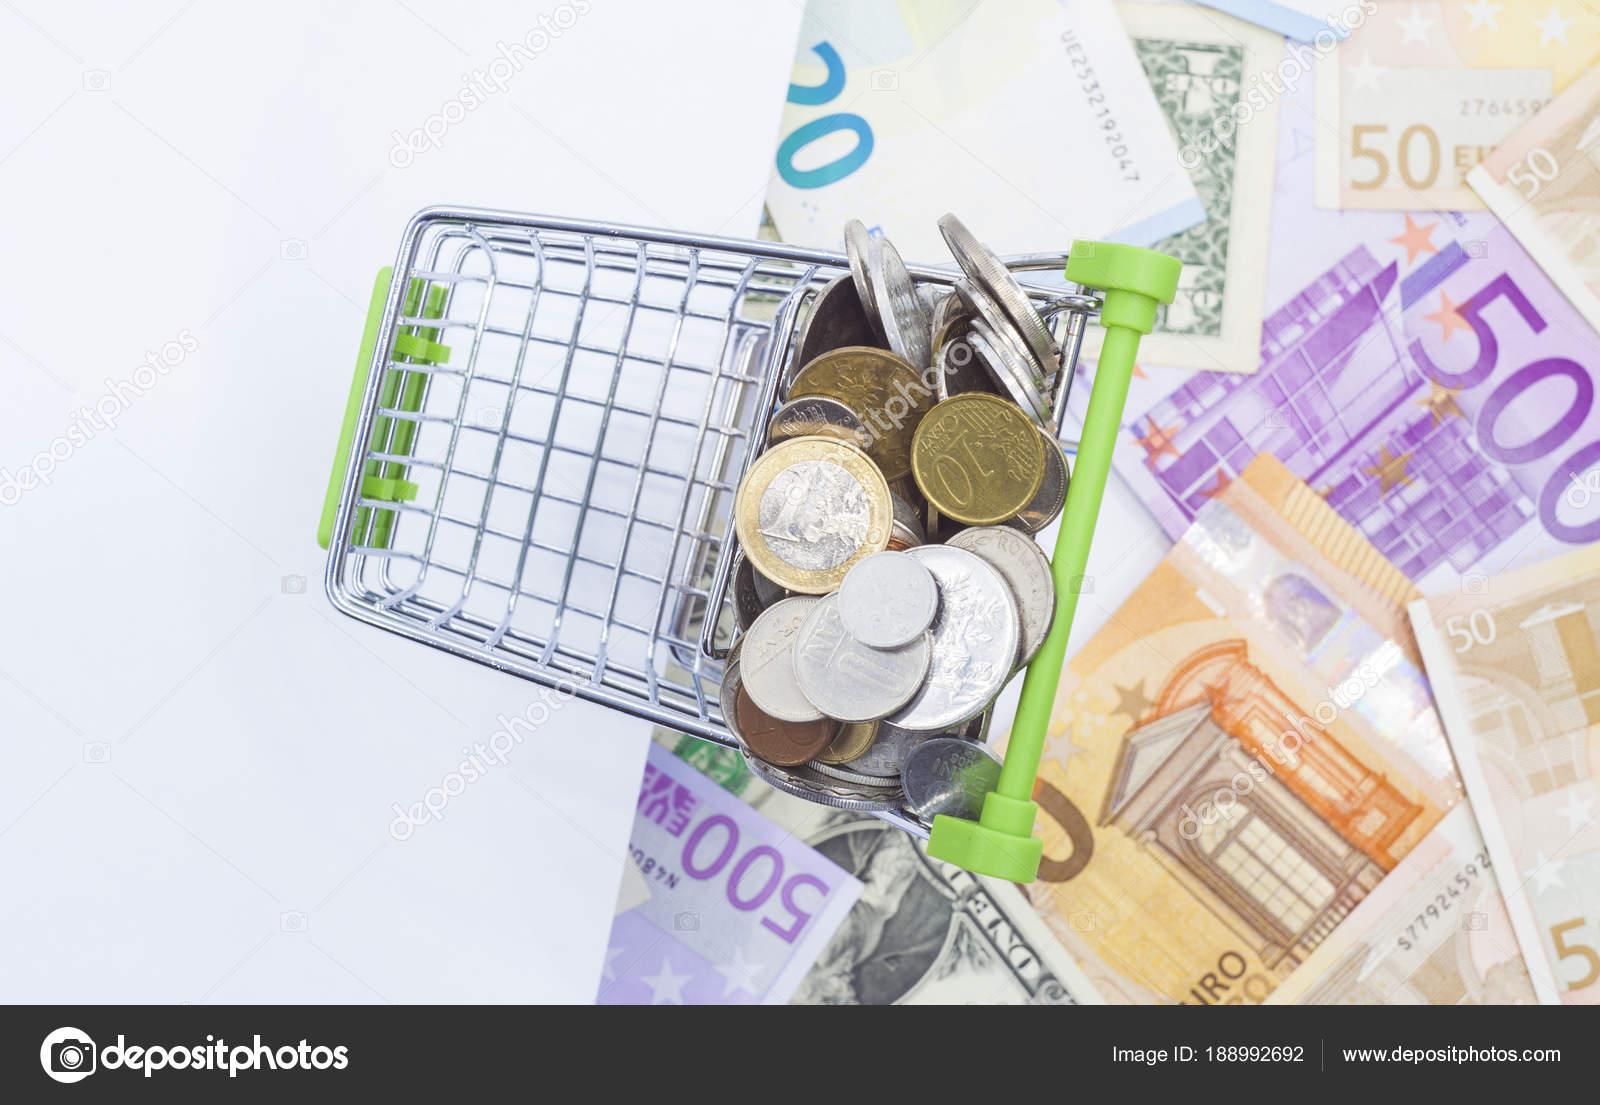 Warenkorb Mit Münzen Und Banknoten Hintergrund Weiße Tafel Für Die ...